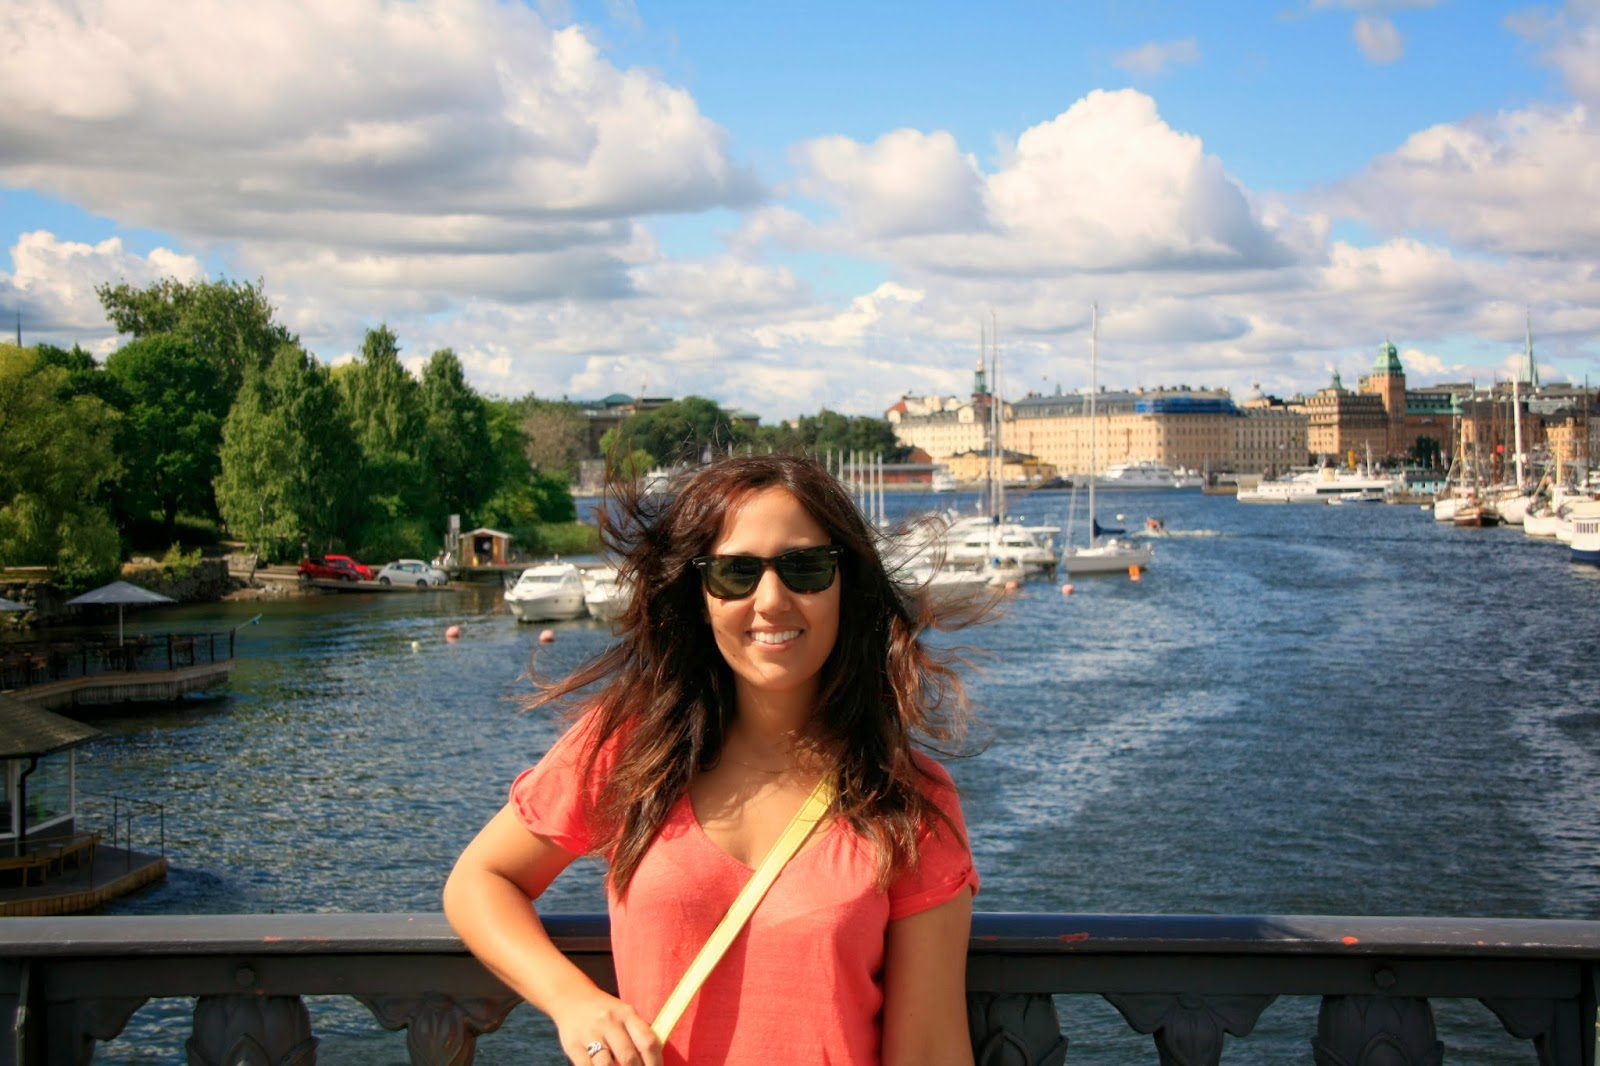 Río de Estocolmo desde Djurgarden